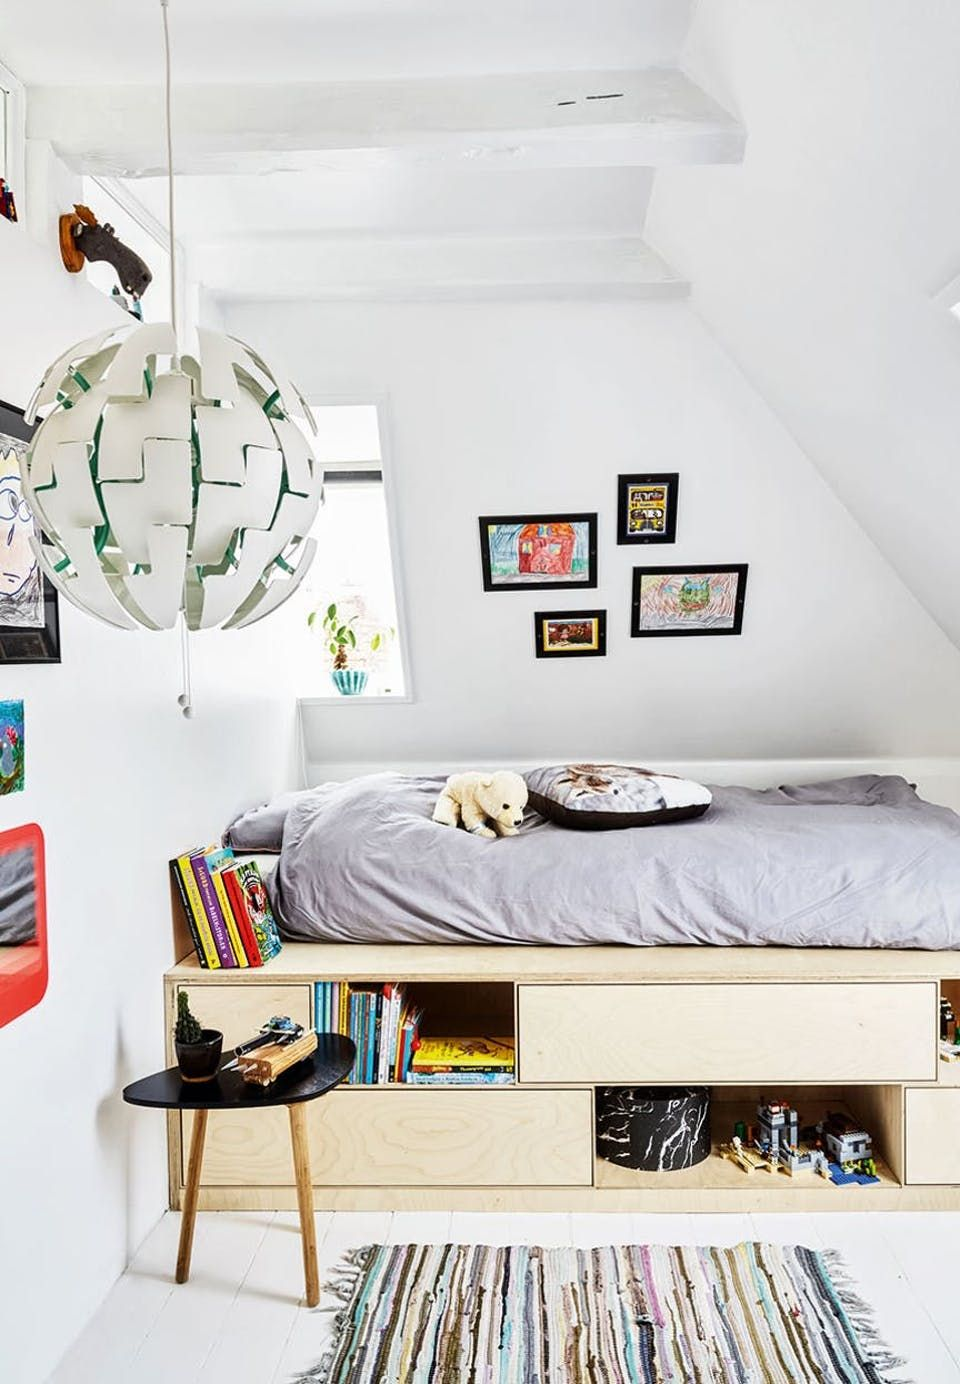 hjemmebygget seng Lav en hjemmebygget seng med opbevaring | Tændstikæsken  hjemmebygget seng